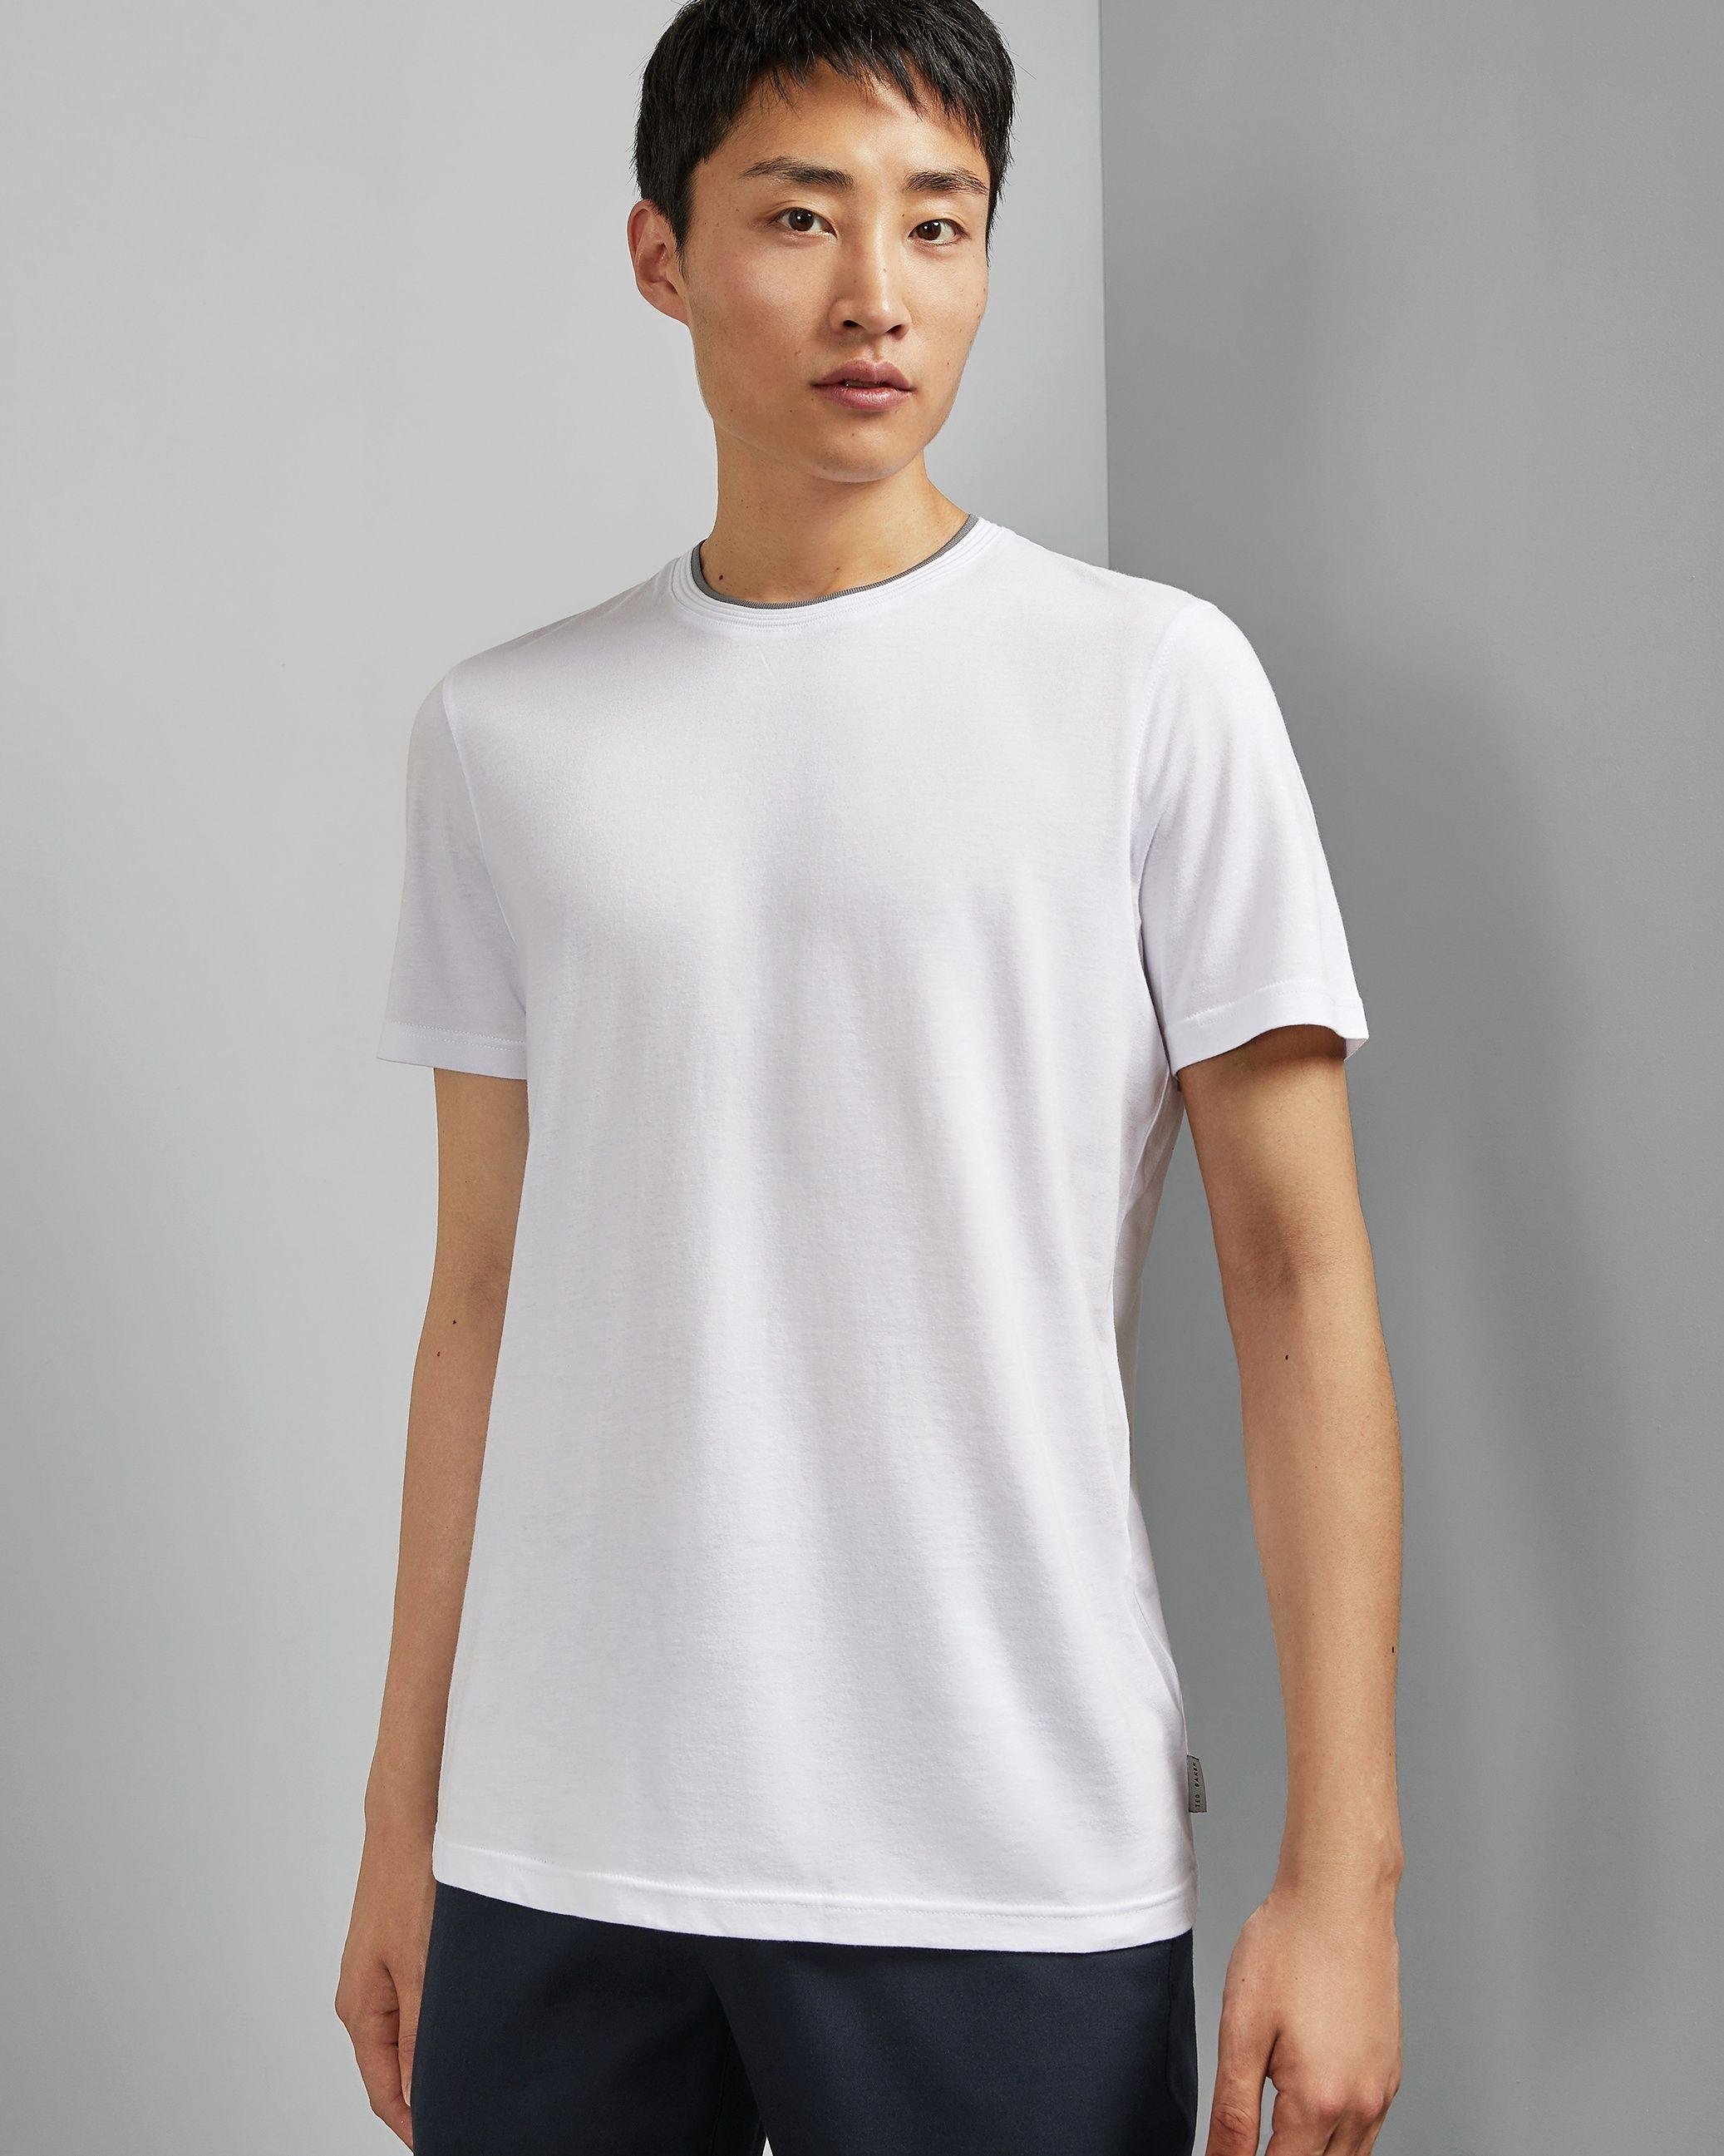 Ted Baker Sink Short-Sleeved Crew Neck T-Shirt, White